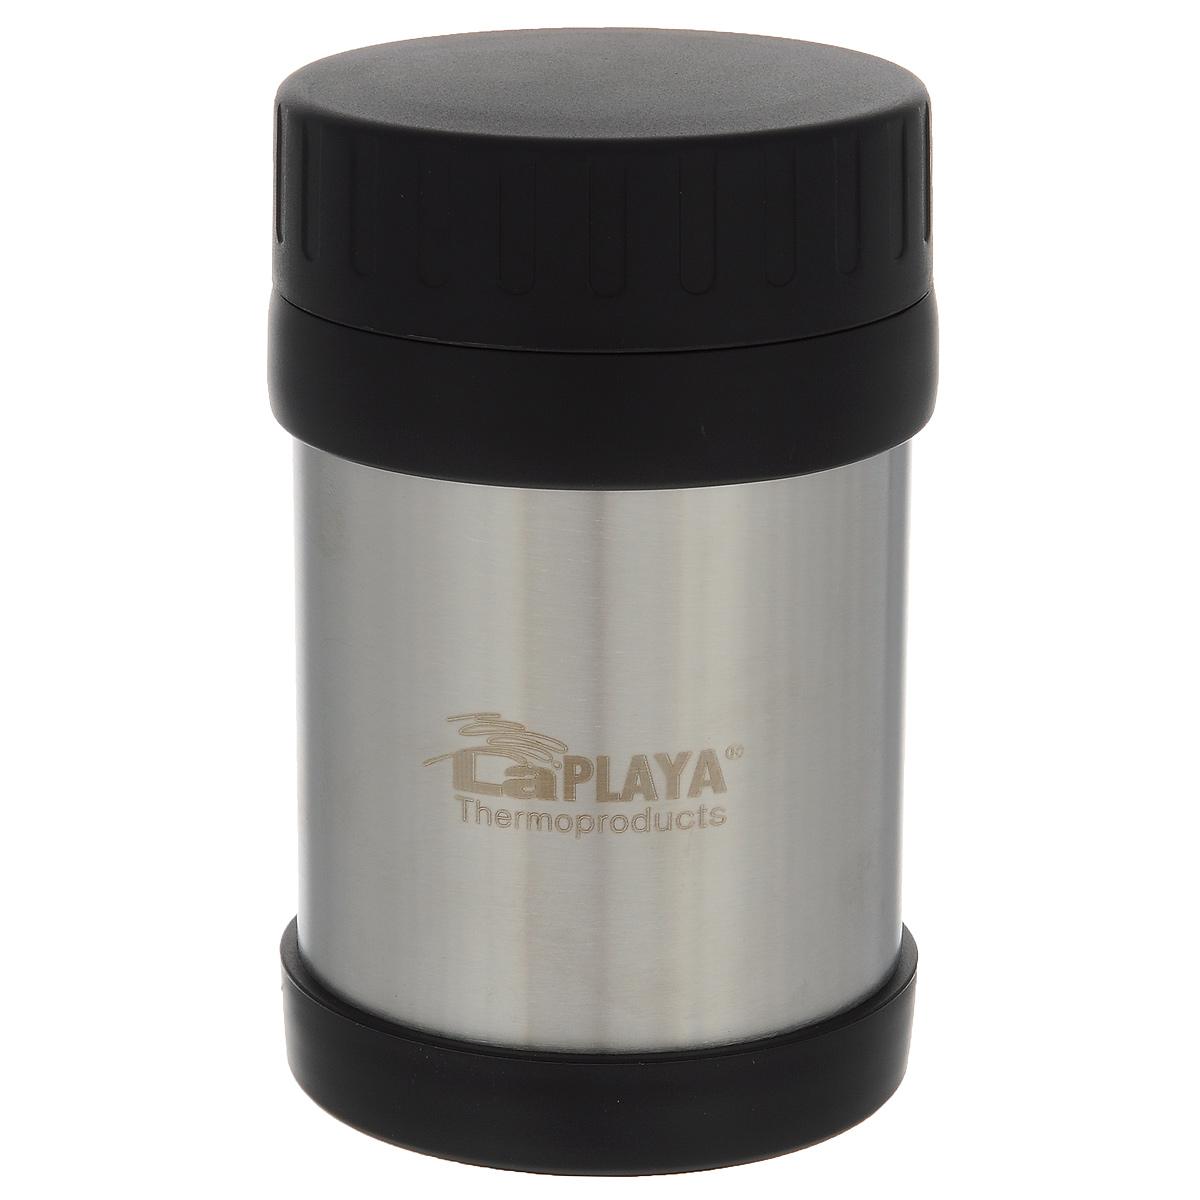 Термос LaPlaya JMG, цвет: серебристый, 350 мл560036Термос LaPlaya JMG изготовлен из высококачественной нержавеющей стали 18/8 и пластика. Термос с двухстеночной вакуумной изоляцией, предназначенный для хранения горячих и холодных продуктов, сохраняет их до 6 часов горячими и холодными в течении 8 часов. Термос очень легкий, имеет широкое горло и закрывается герметичной крышкой. Идеально подходит для напитков, а также первых и вторых блюд. Высота: 14 см. Диаметр горлышка: 6,8 см.